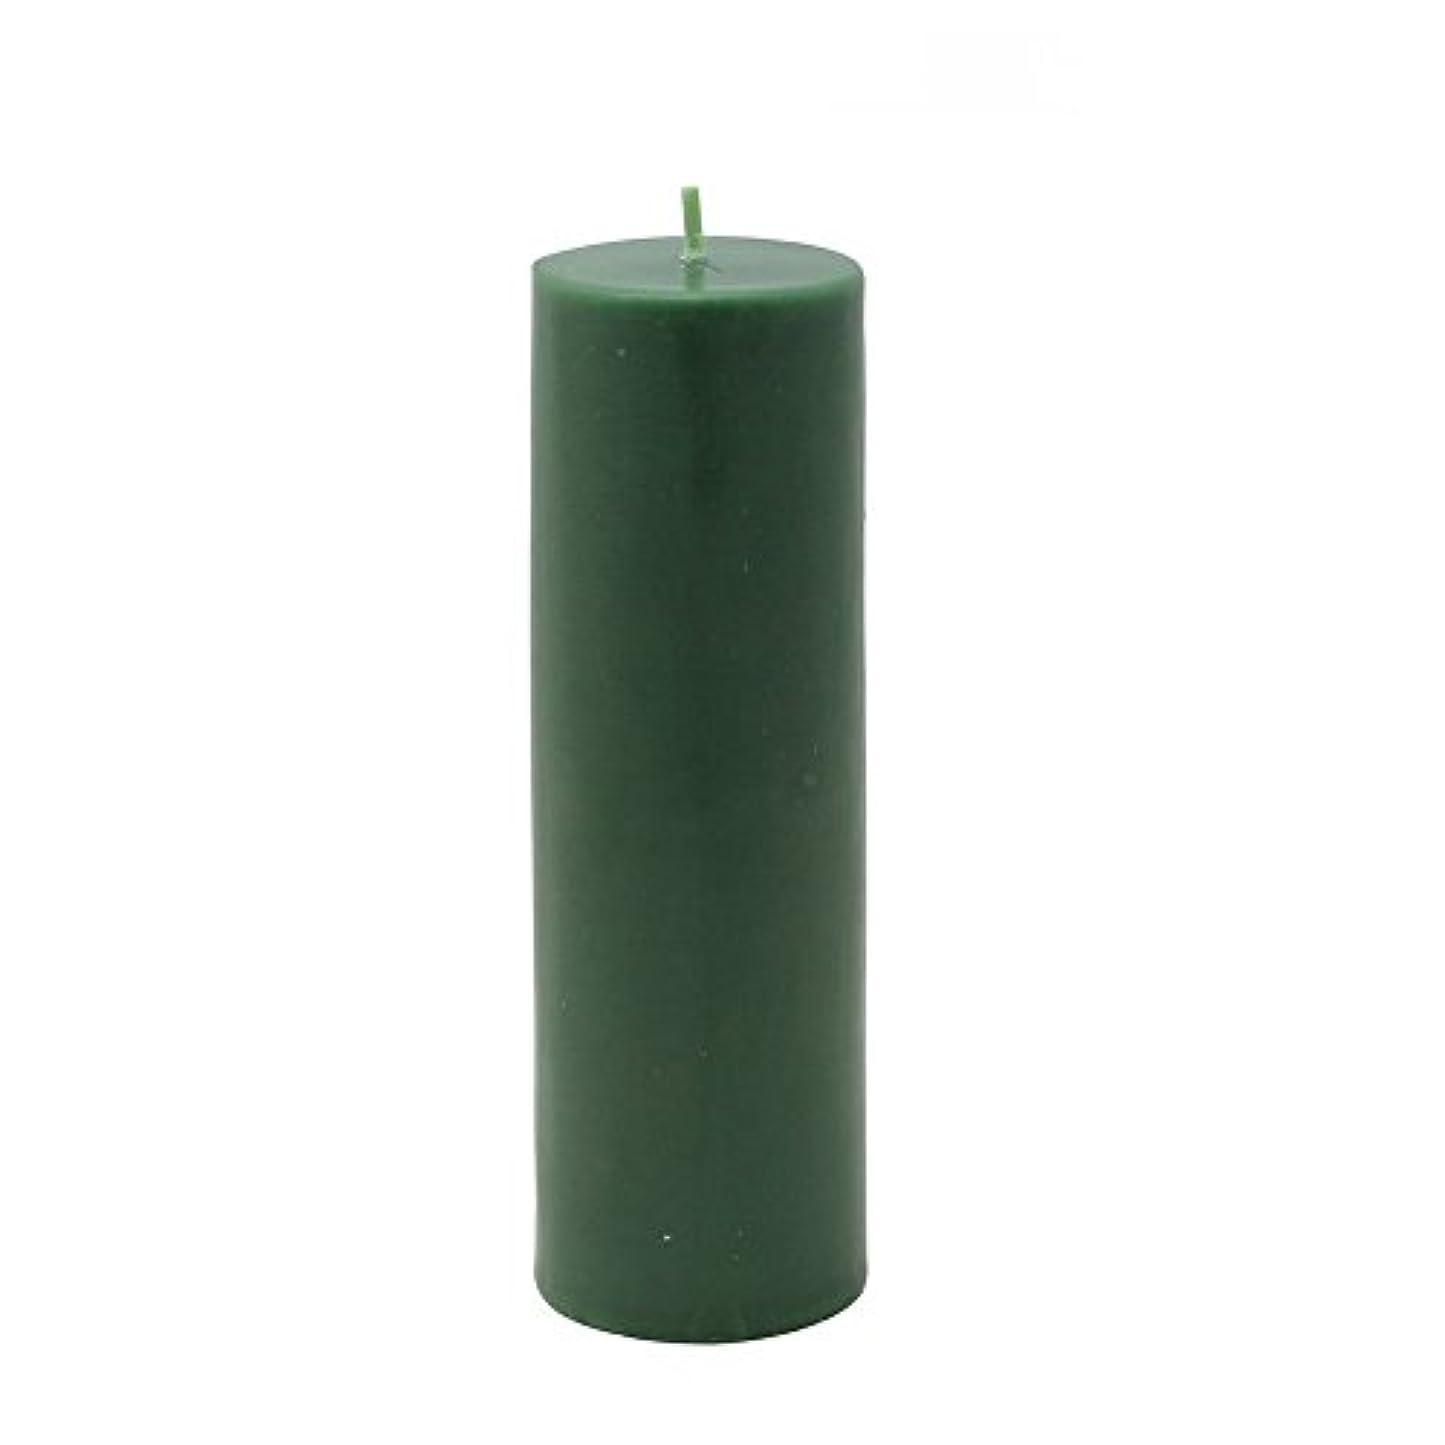 非行エスカレートブラウンZest Candle Pillar Candle, 2 by 6-Inch, Hunter Green [並行輸入品]